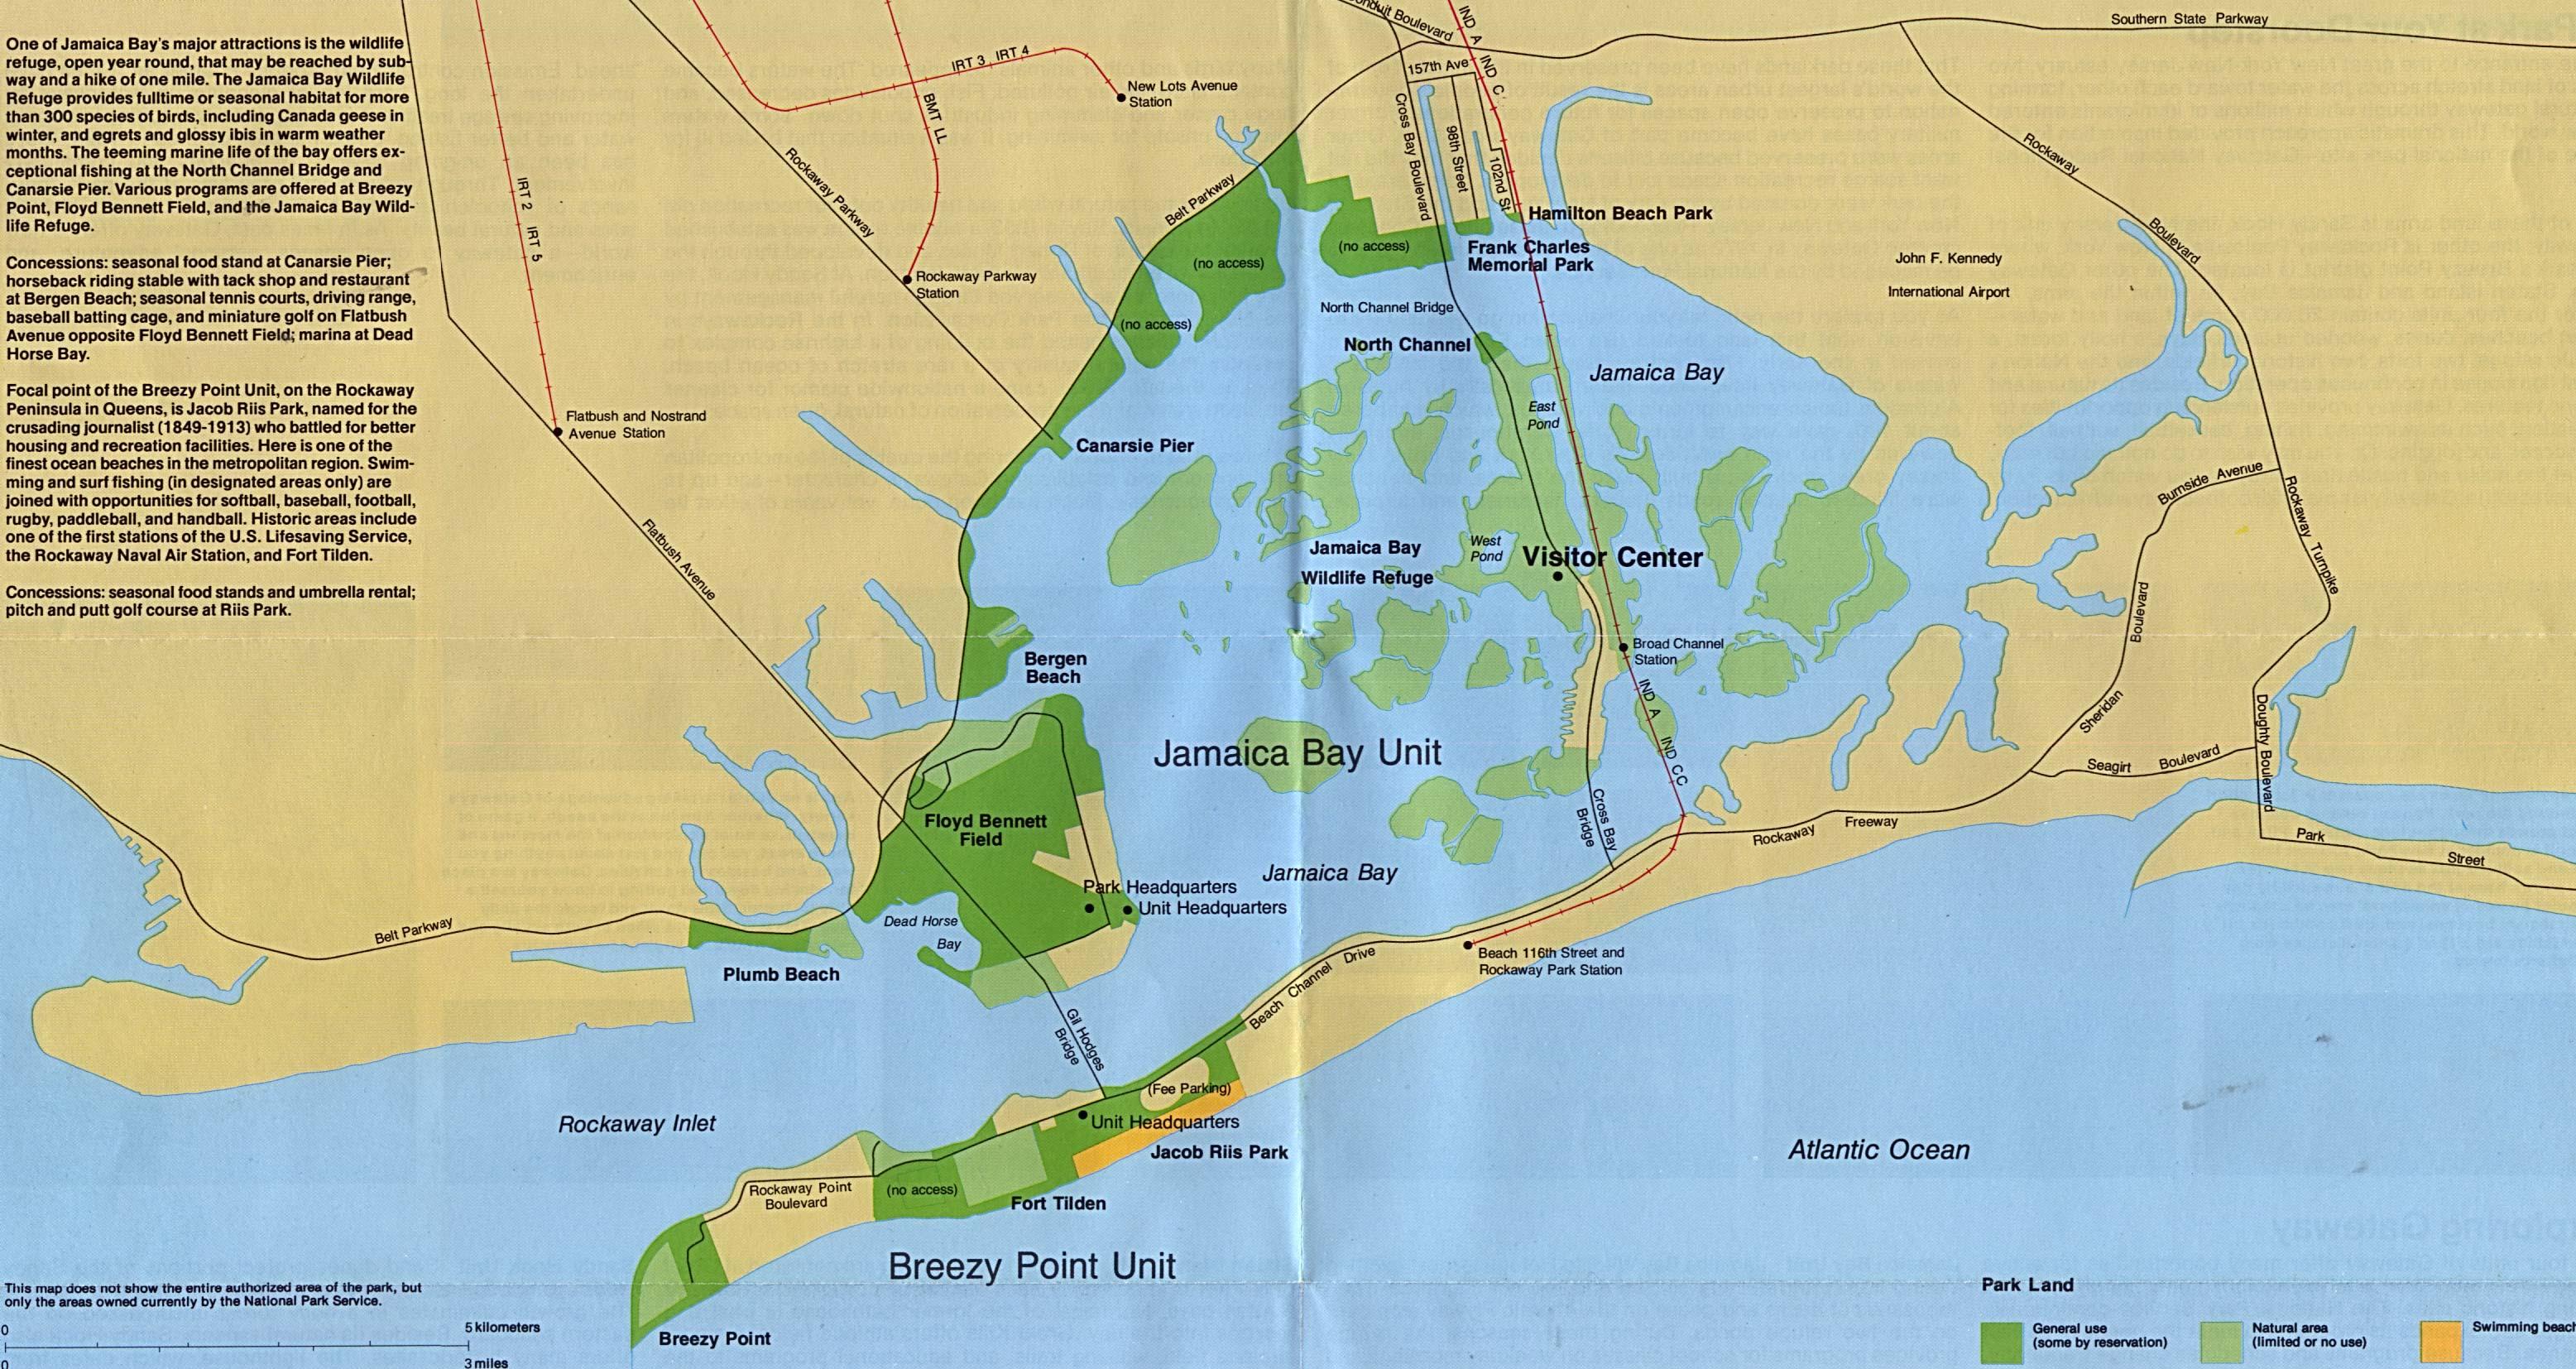 Mapa Detallado de Jamaica Bay y Breezy Point, Área Nacional de Recreación Gateway, Nueva York / Nueva Jersey, Estados Unidos